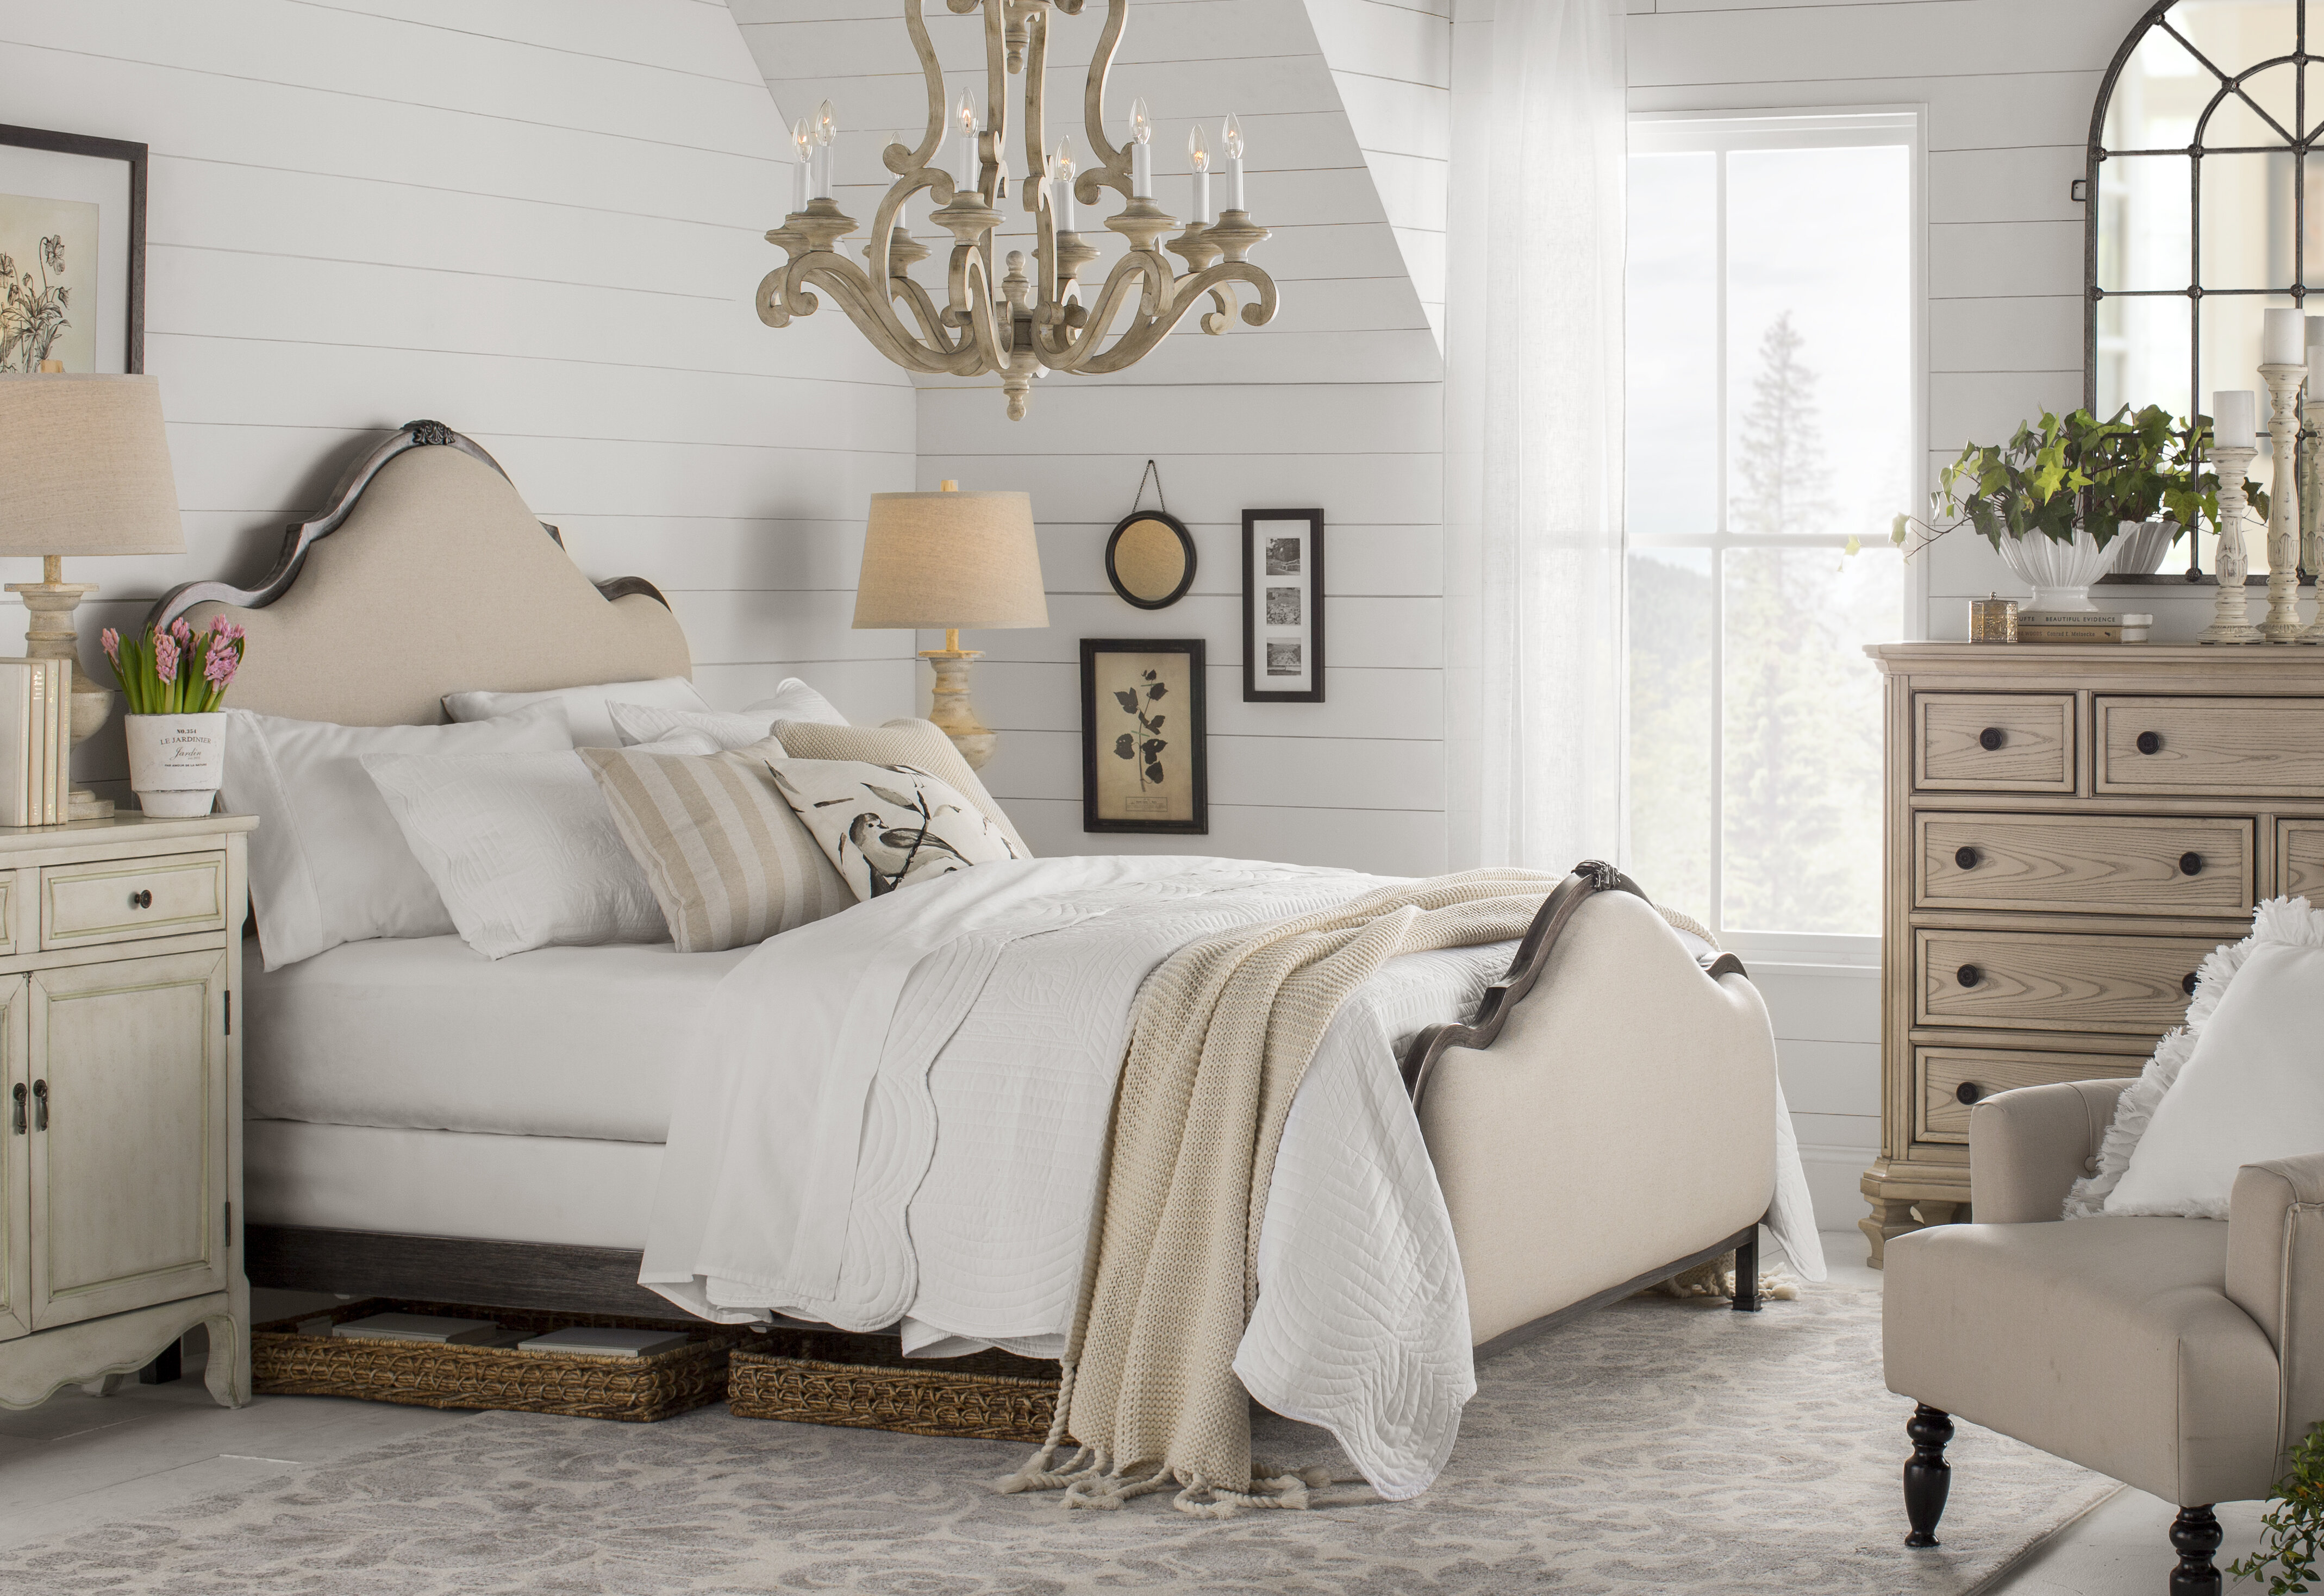 4 Bedroom Chandelier Ideas Wayfair